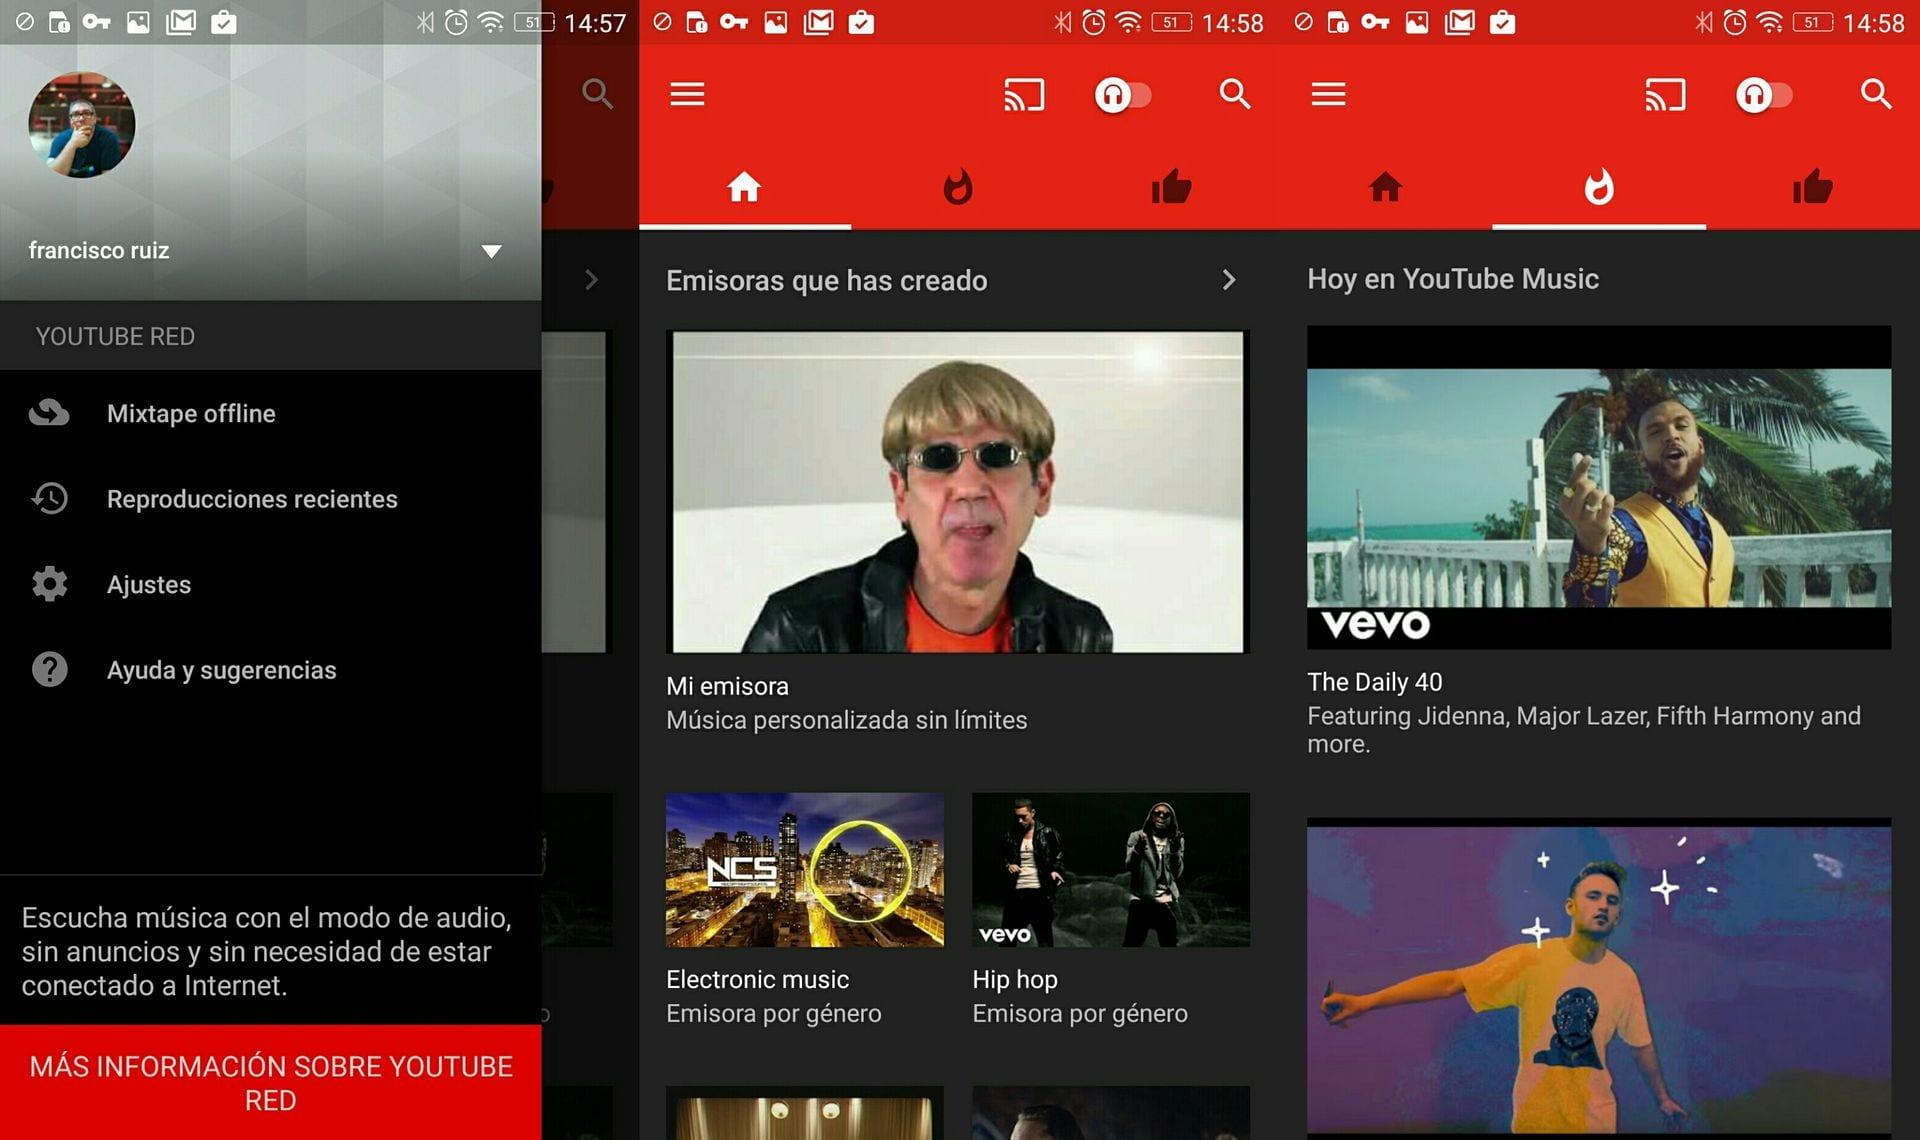 Cómo instalar You Tube Music y disfrutarlo en países en los que todavía su descarga no es oficial